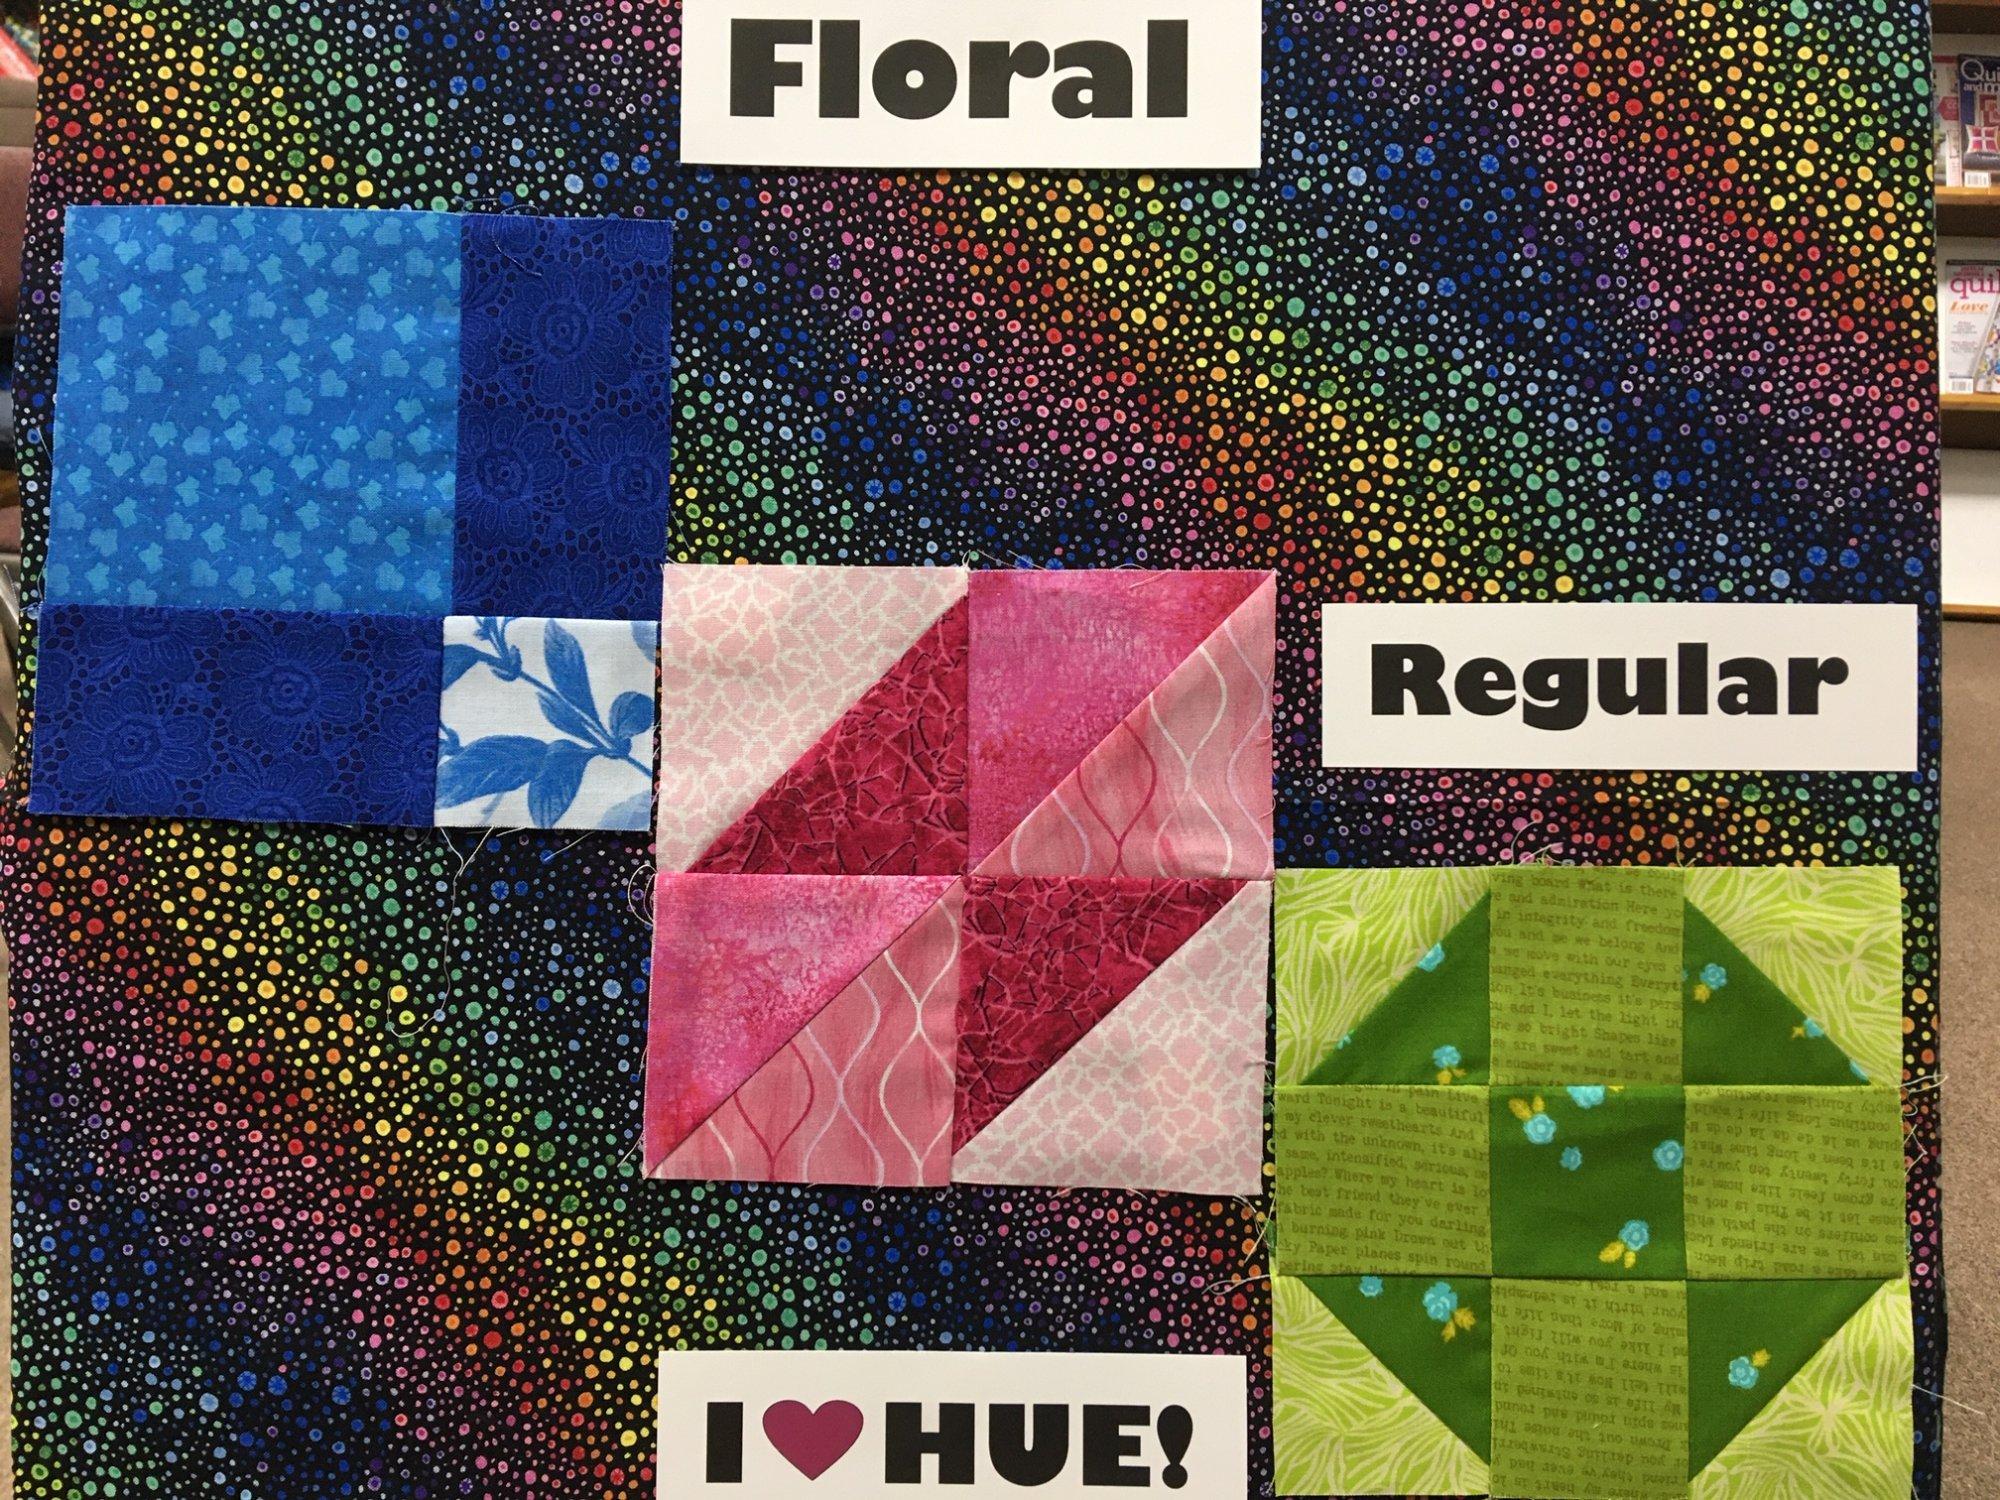 Floral March Regular